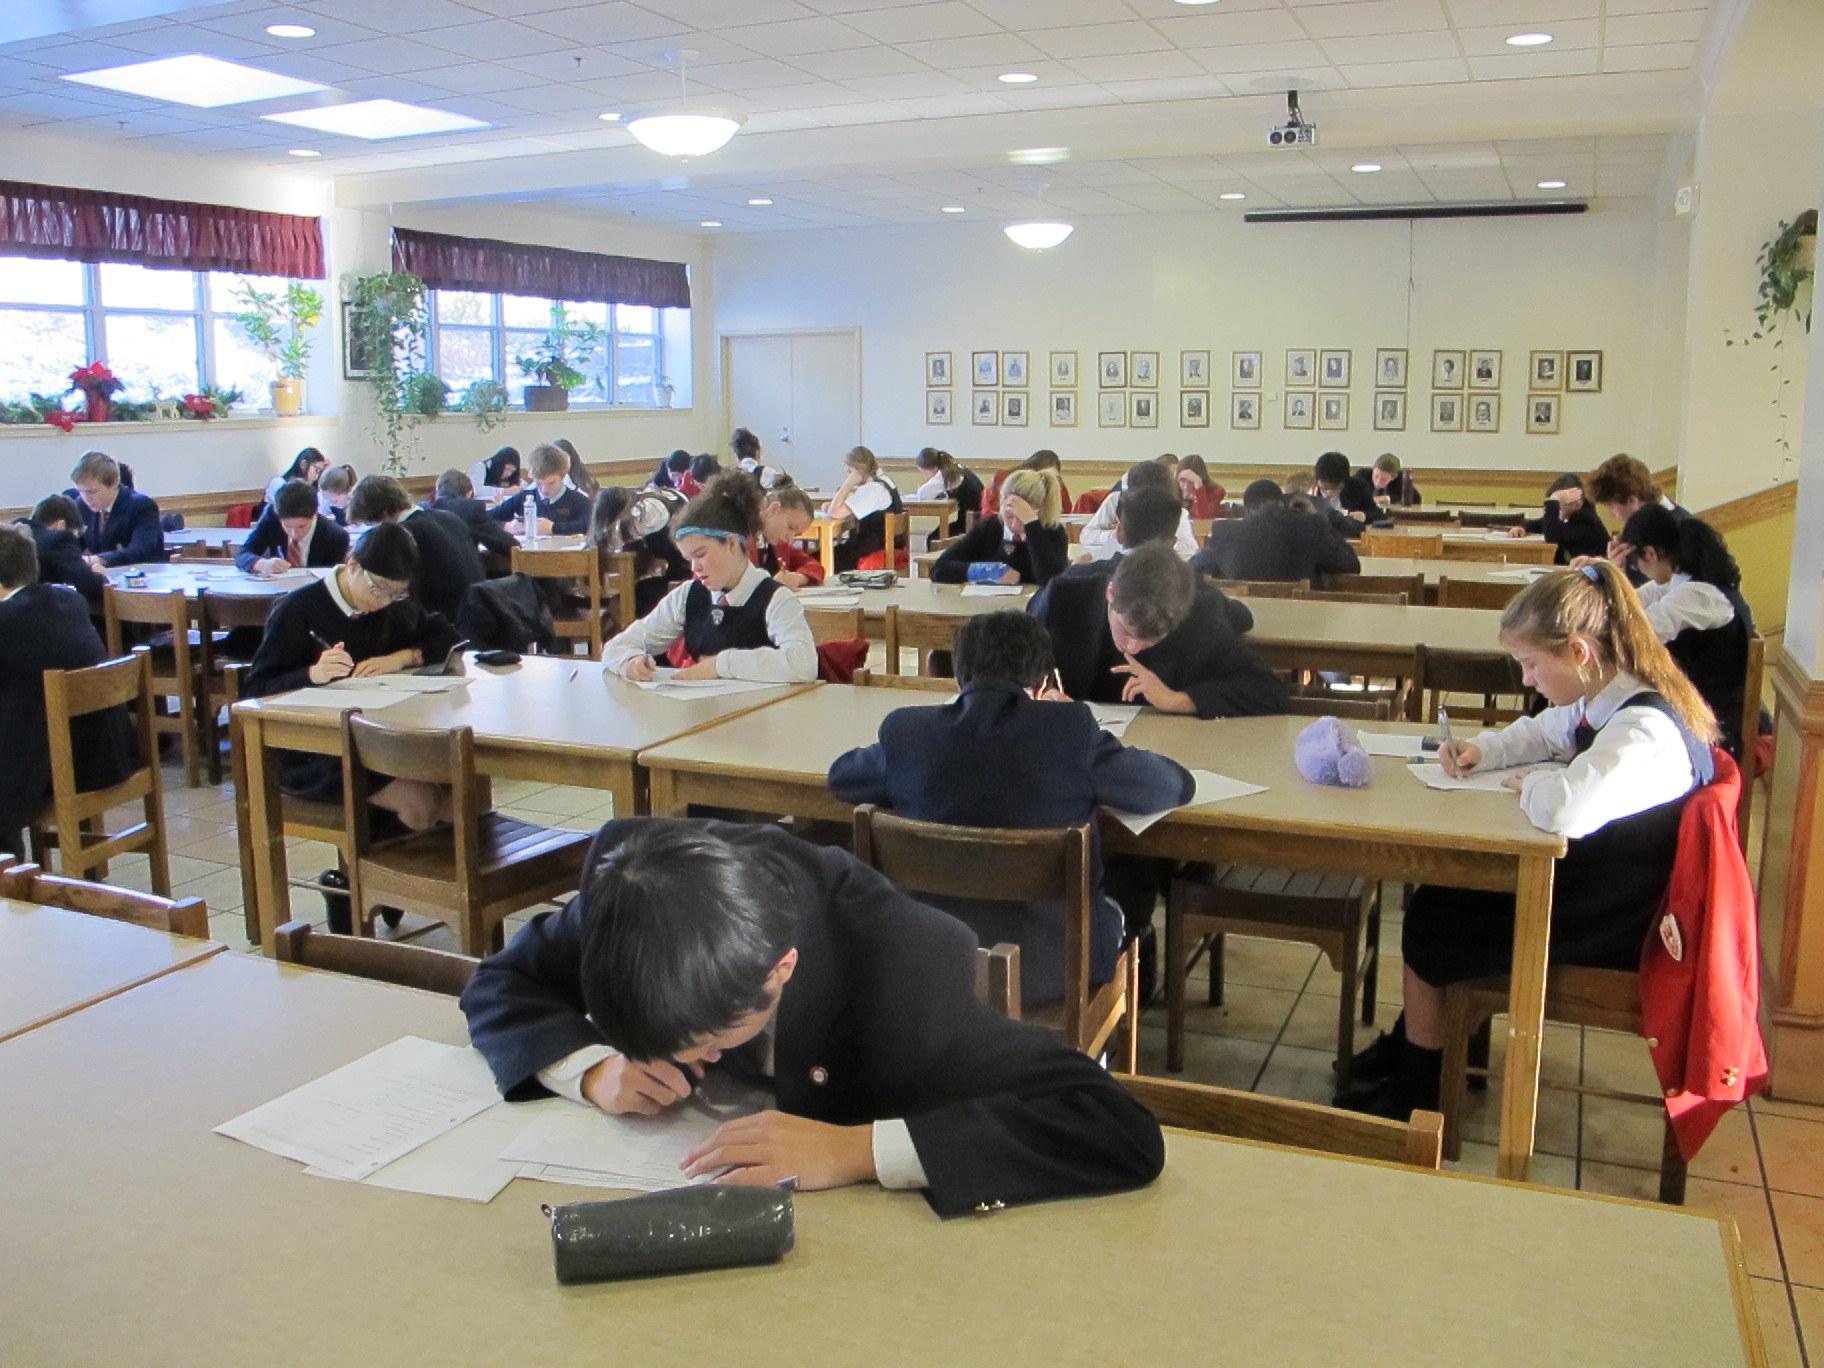 exams2